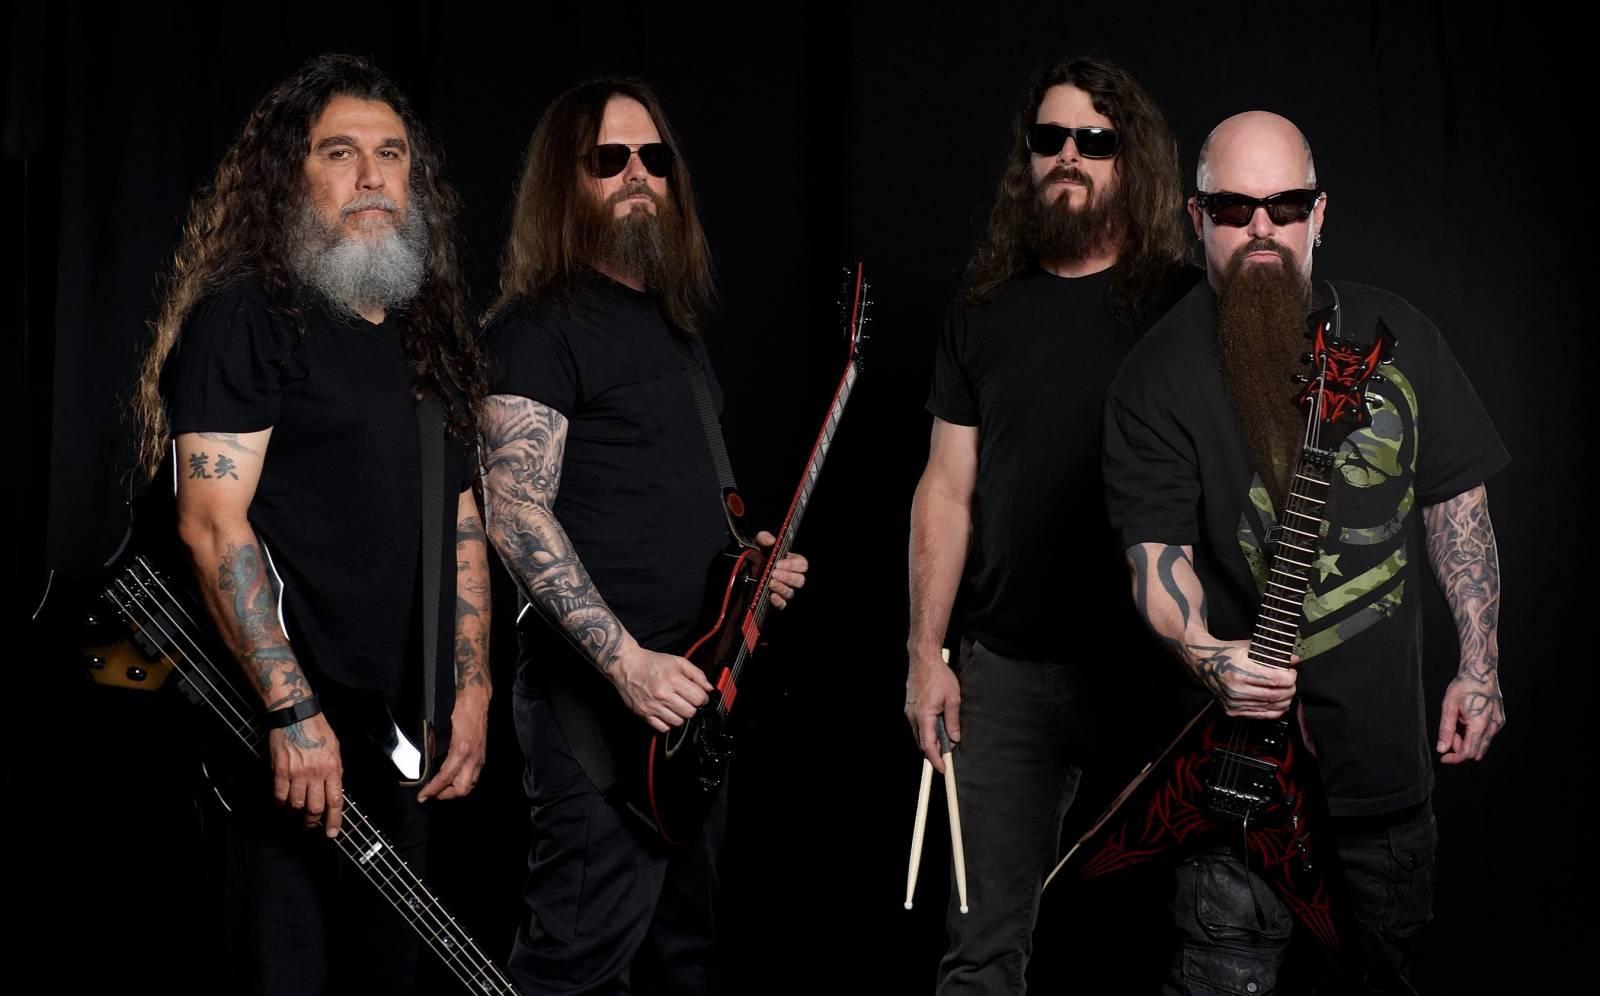 RECENZE: Slayer by prospěla omlazovací kúra